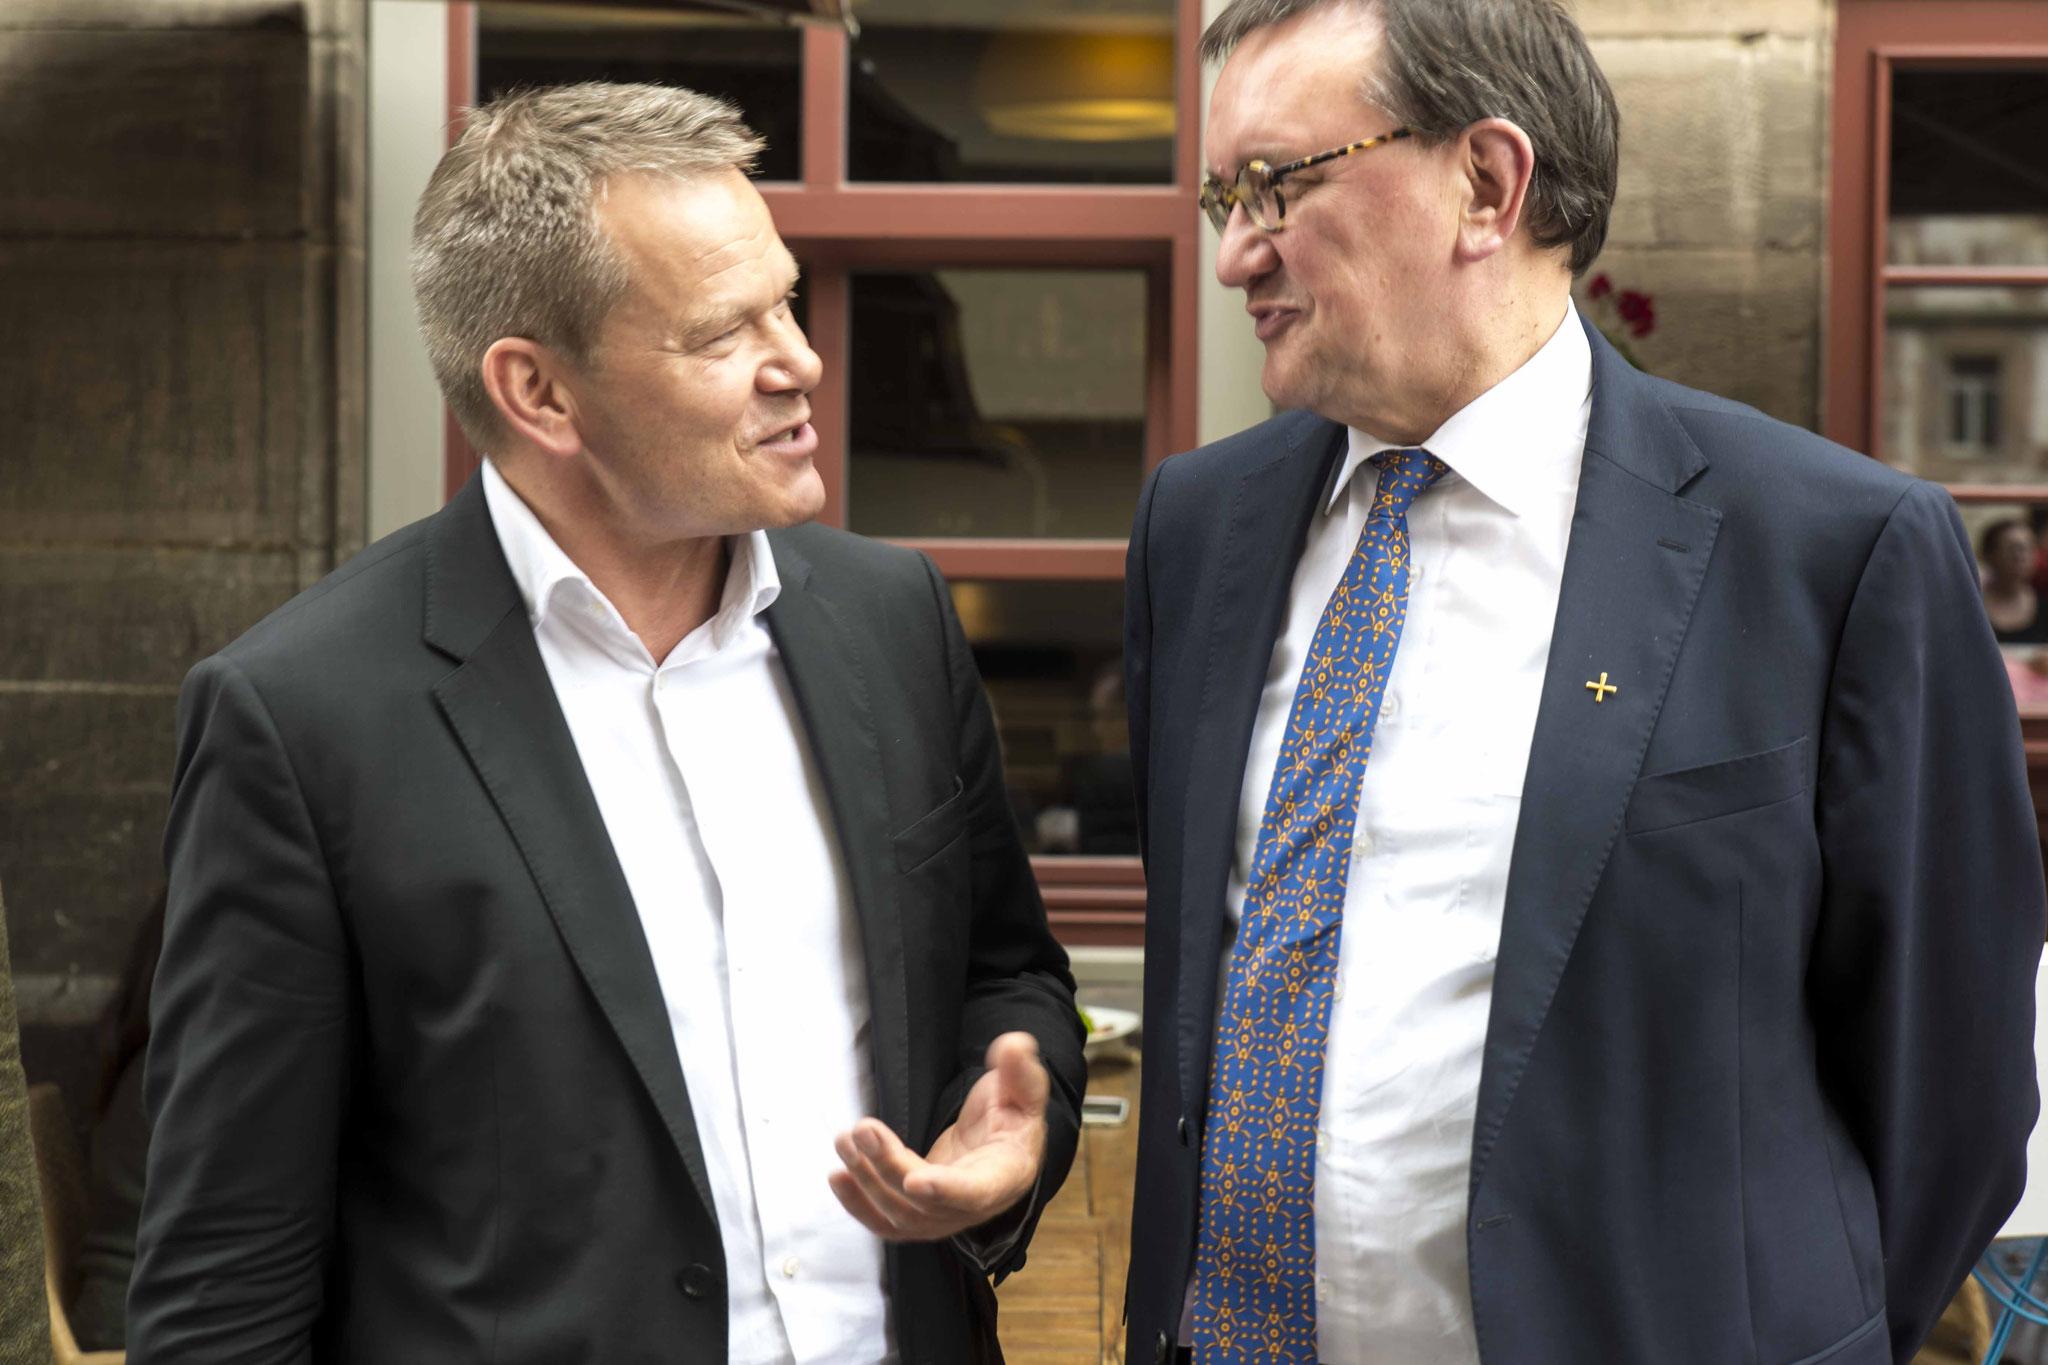 Oberbürgermeister Dr. Thomas Spies und Bischof Prof. Dr. Martin Hein